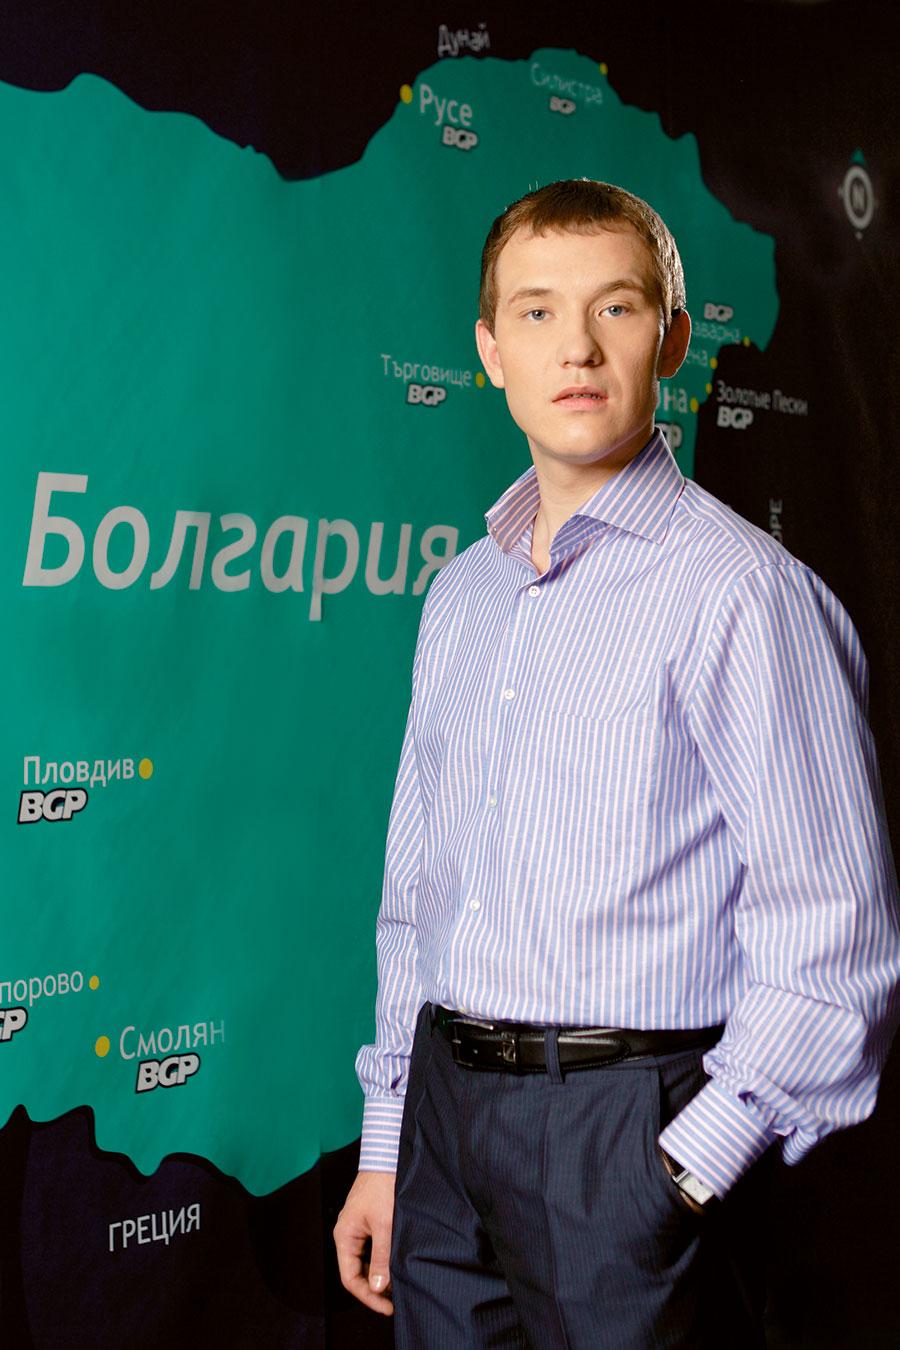 Максим Браило (© 2021 МИССИЯ )